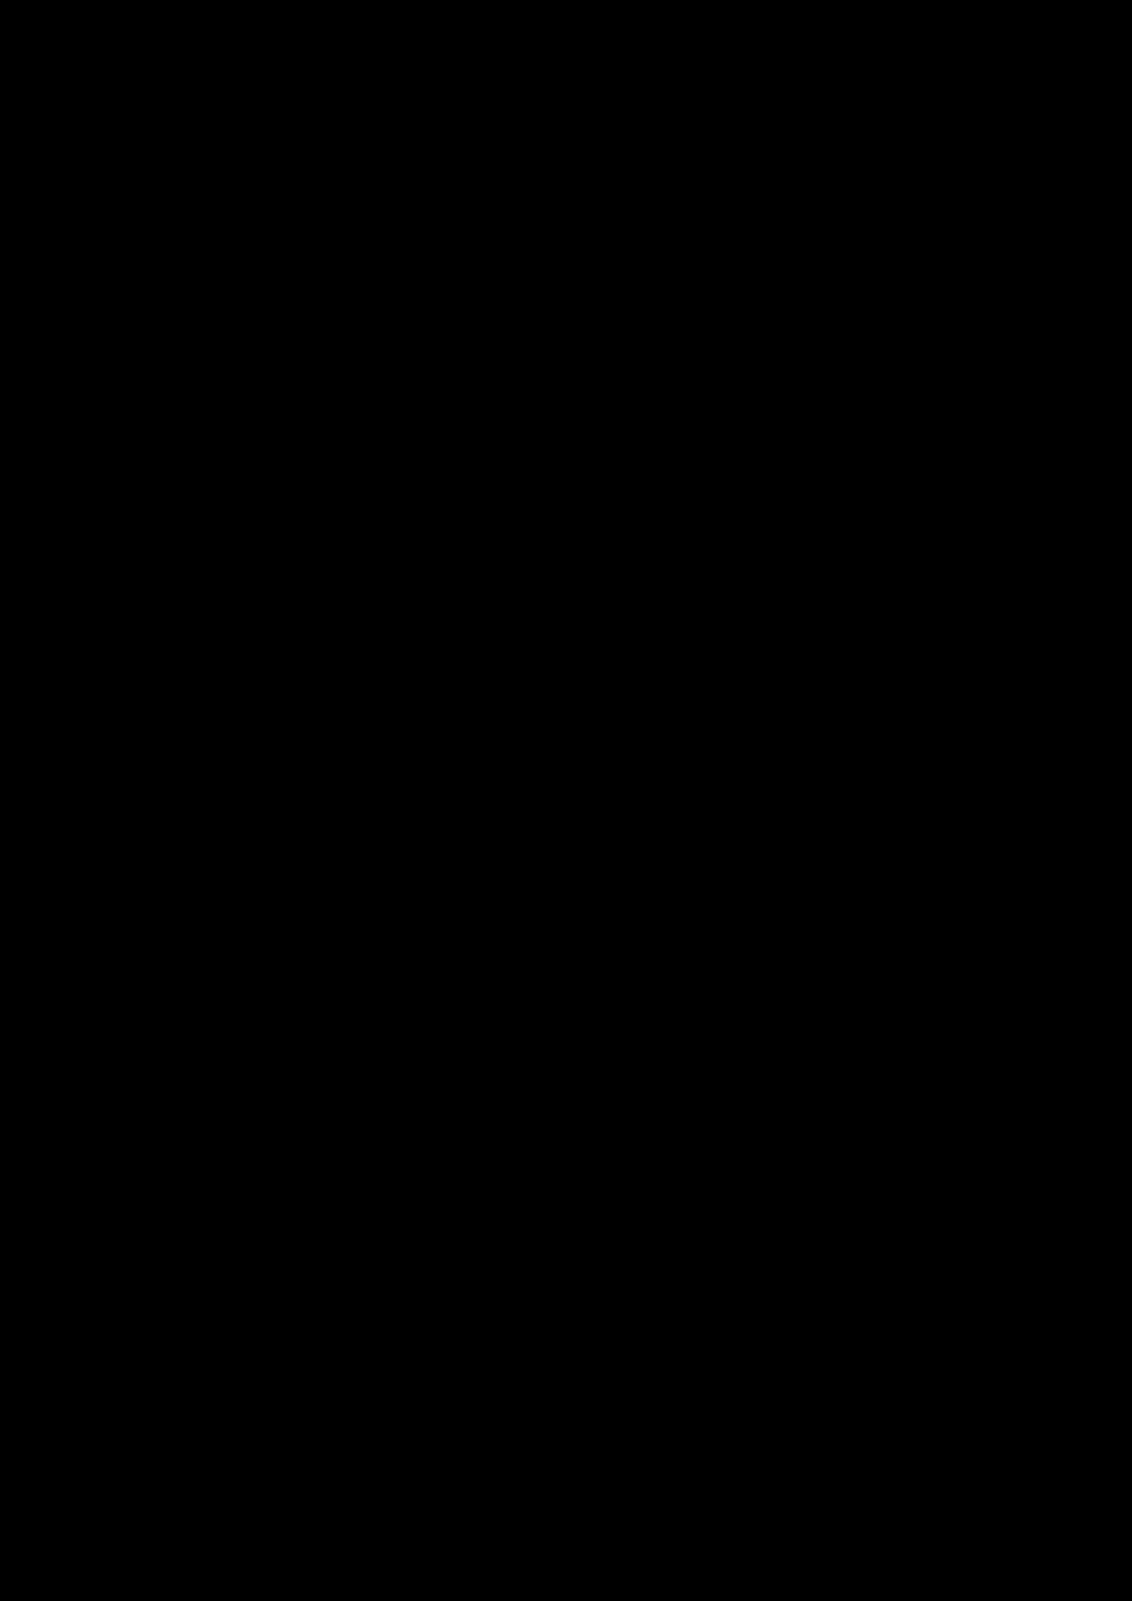 Zagadka volshebnoy stranyi slide, Image 193